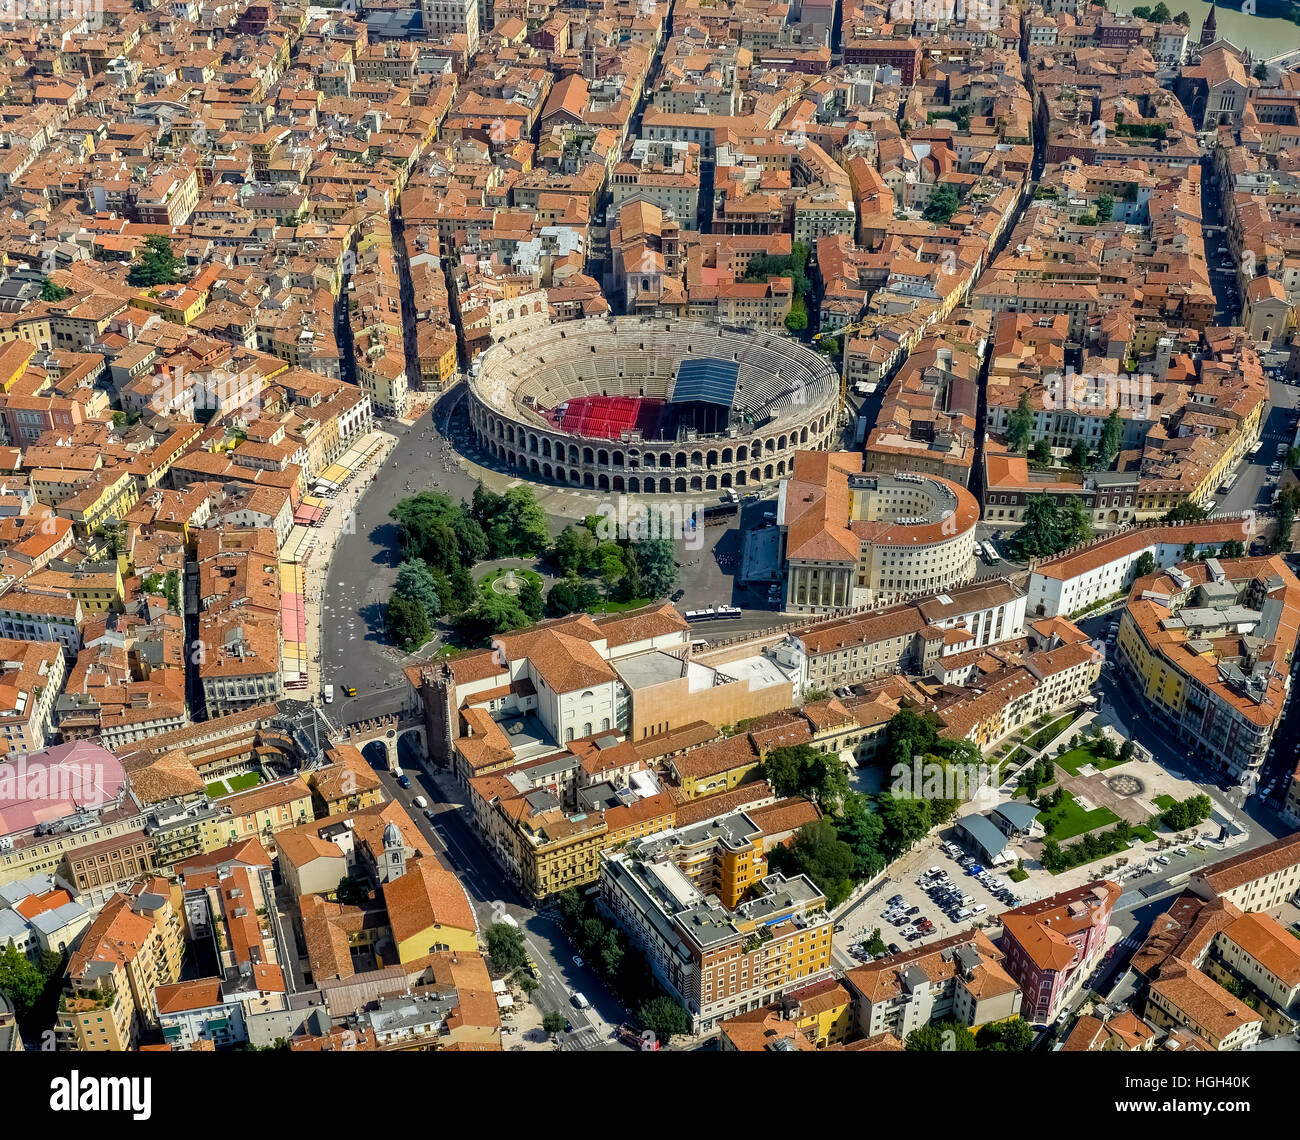 Blick auf die Stadt, Stadtzentrum mit Arena di Verona, Venetien, Veneto, Italien Stockbild